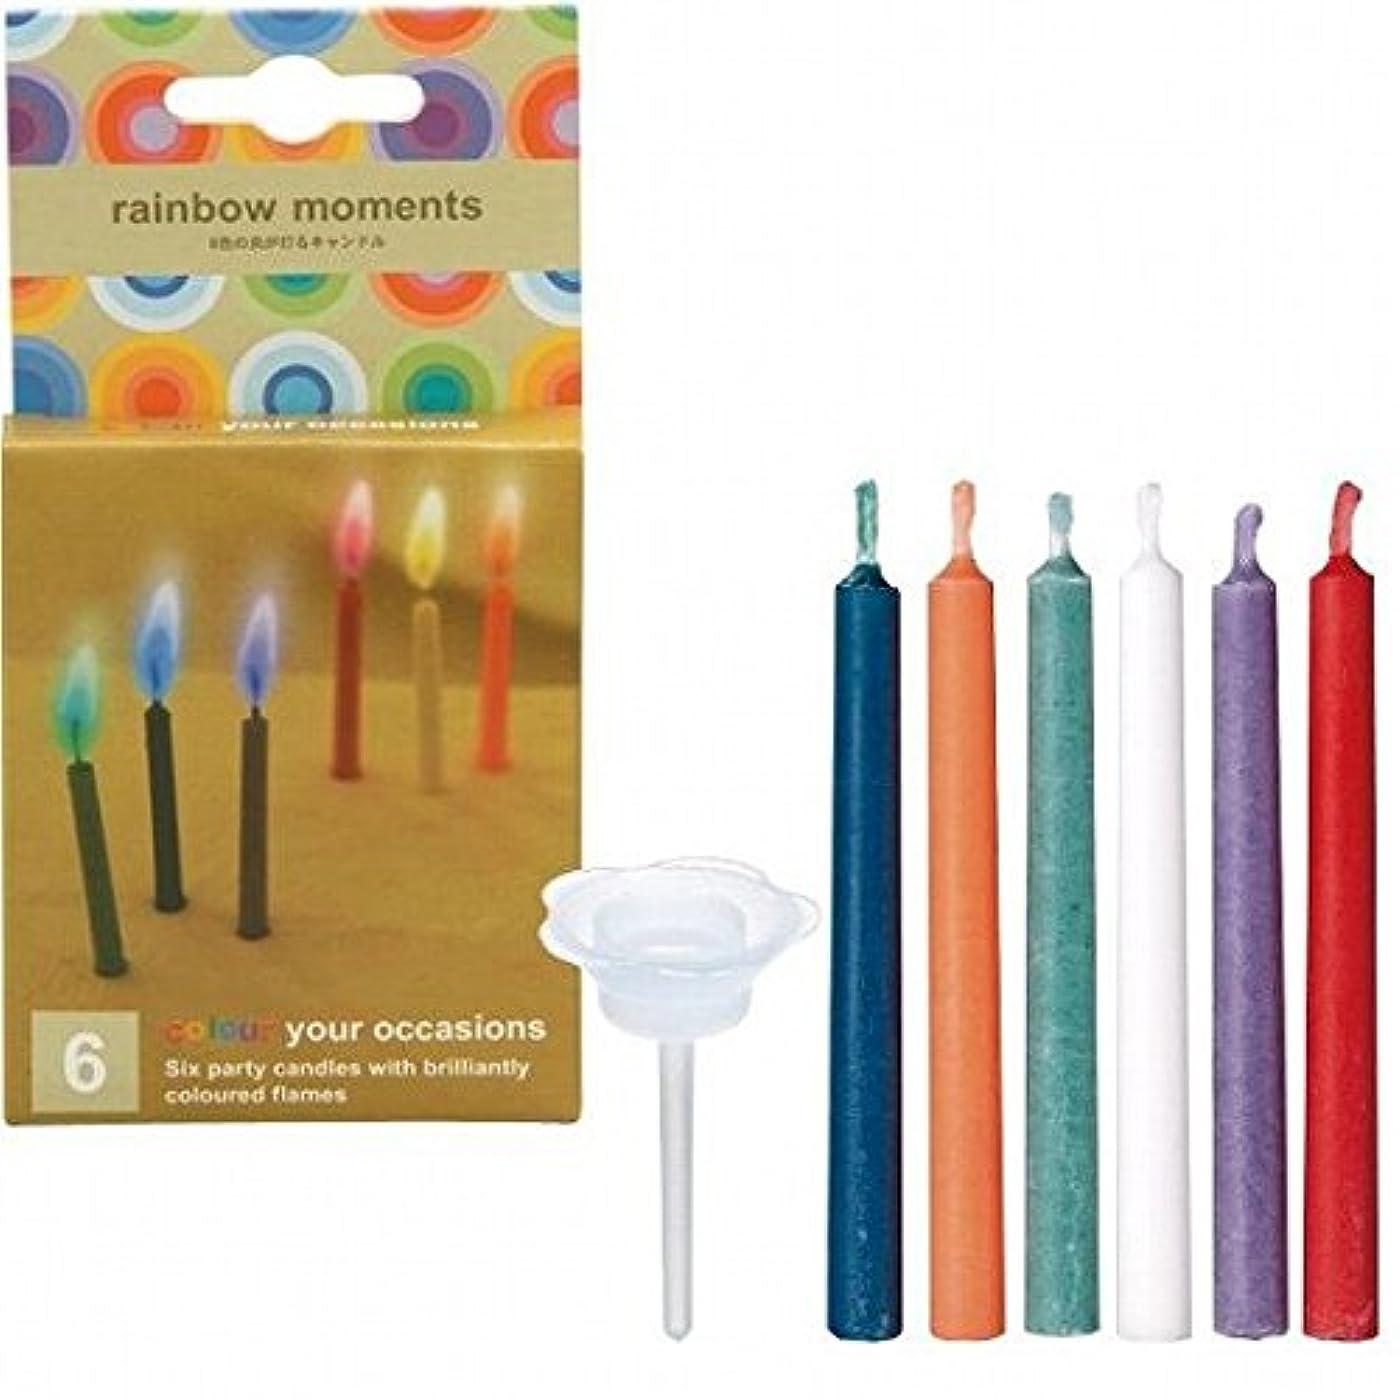 ほかに美的余剰kameyama candle(カメヤマキャンドル) rainbowmoments(レインボーモーメント)6色6本入り 「 6本入り 」 キャンドル(56050000)